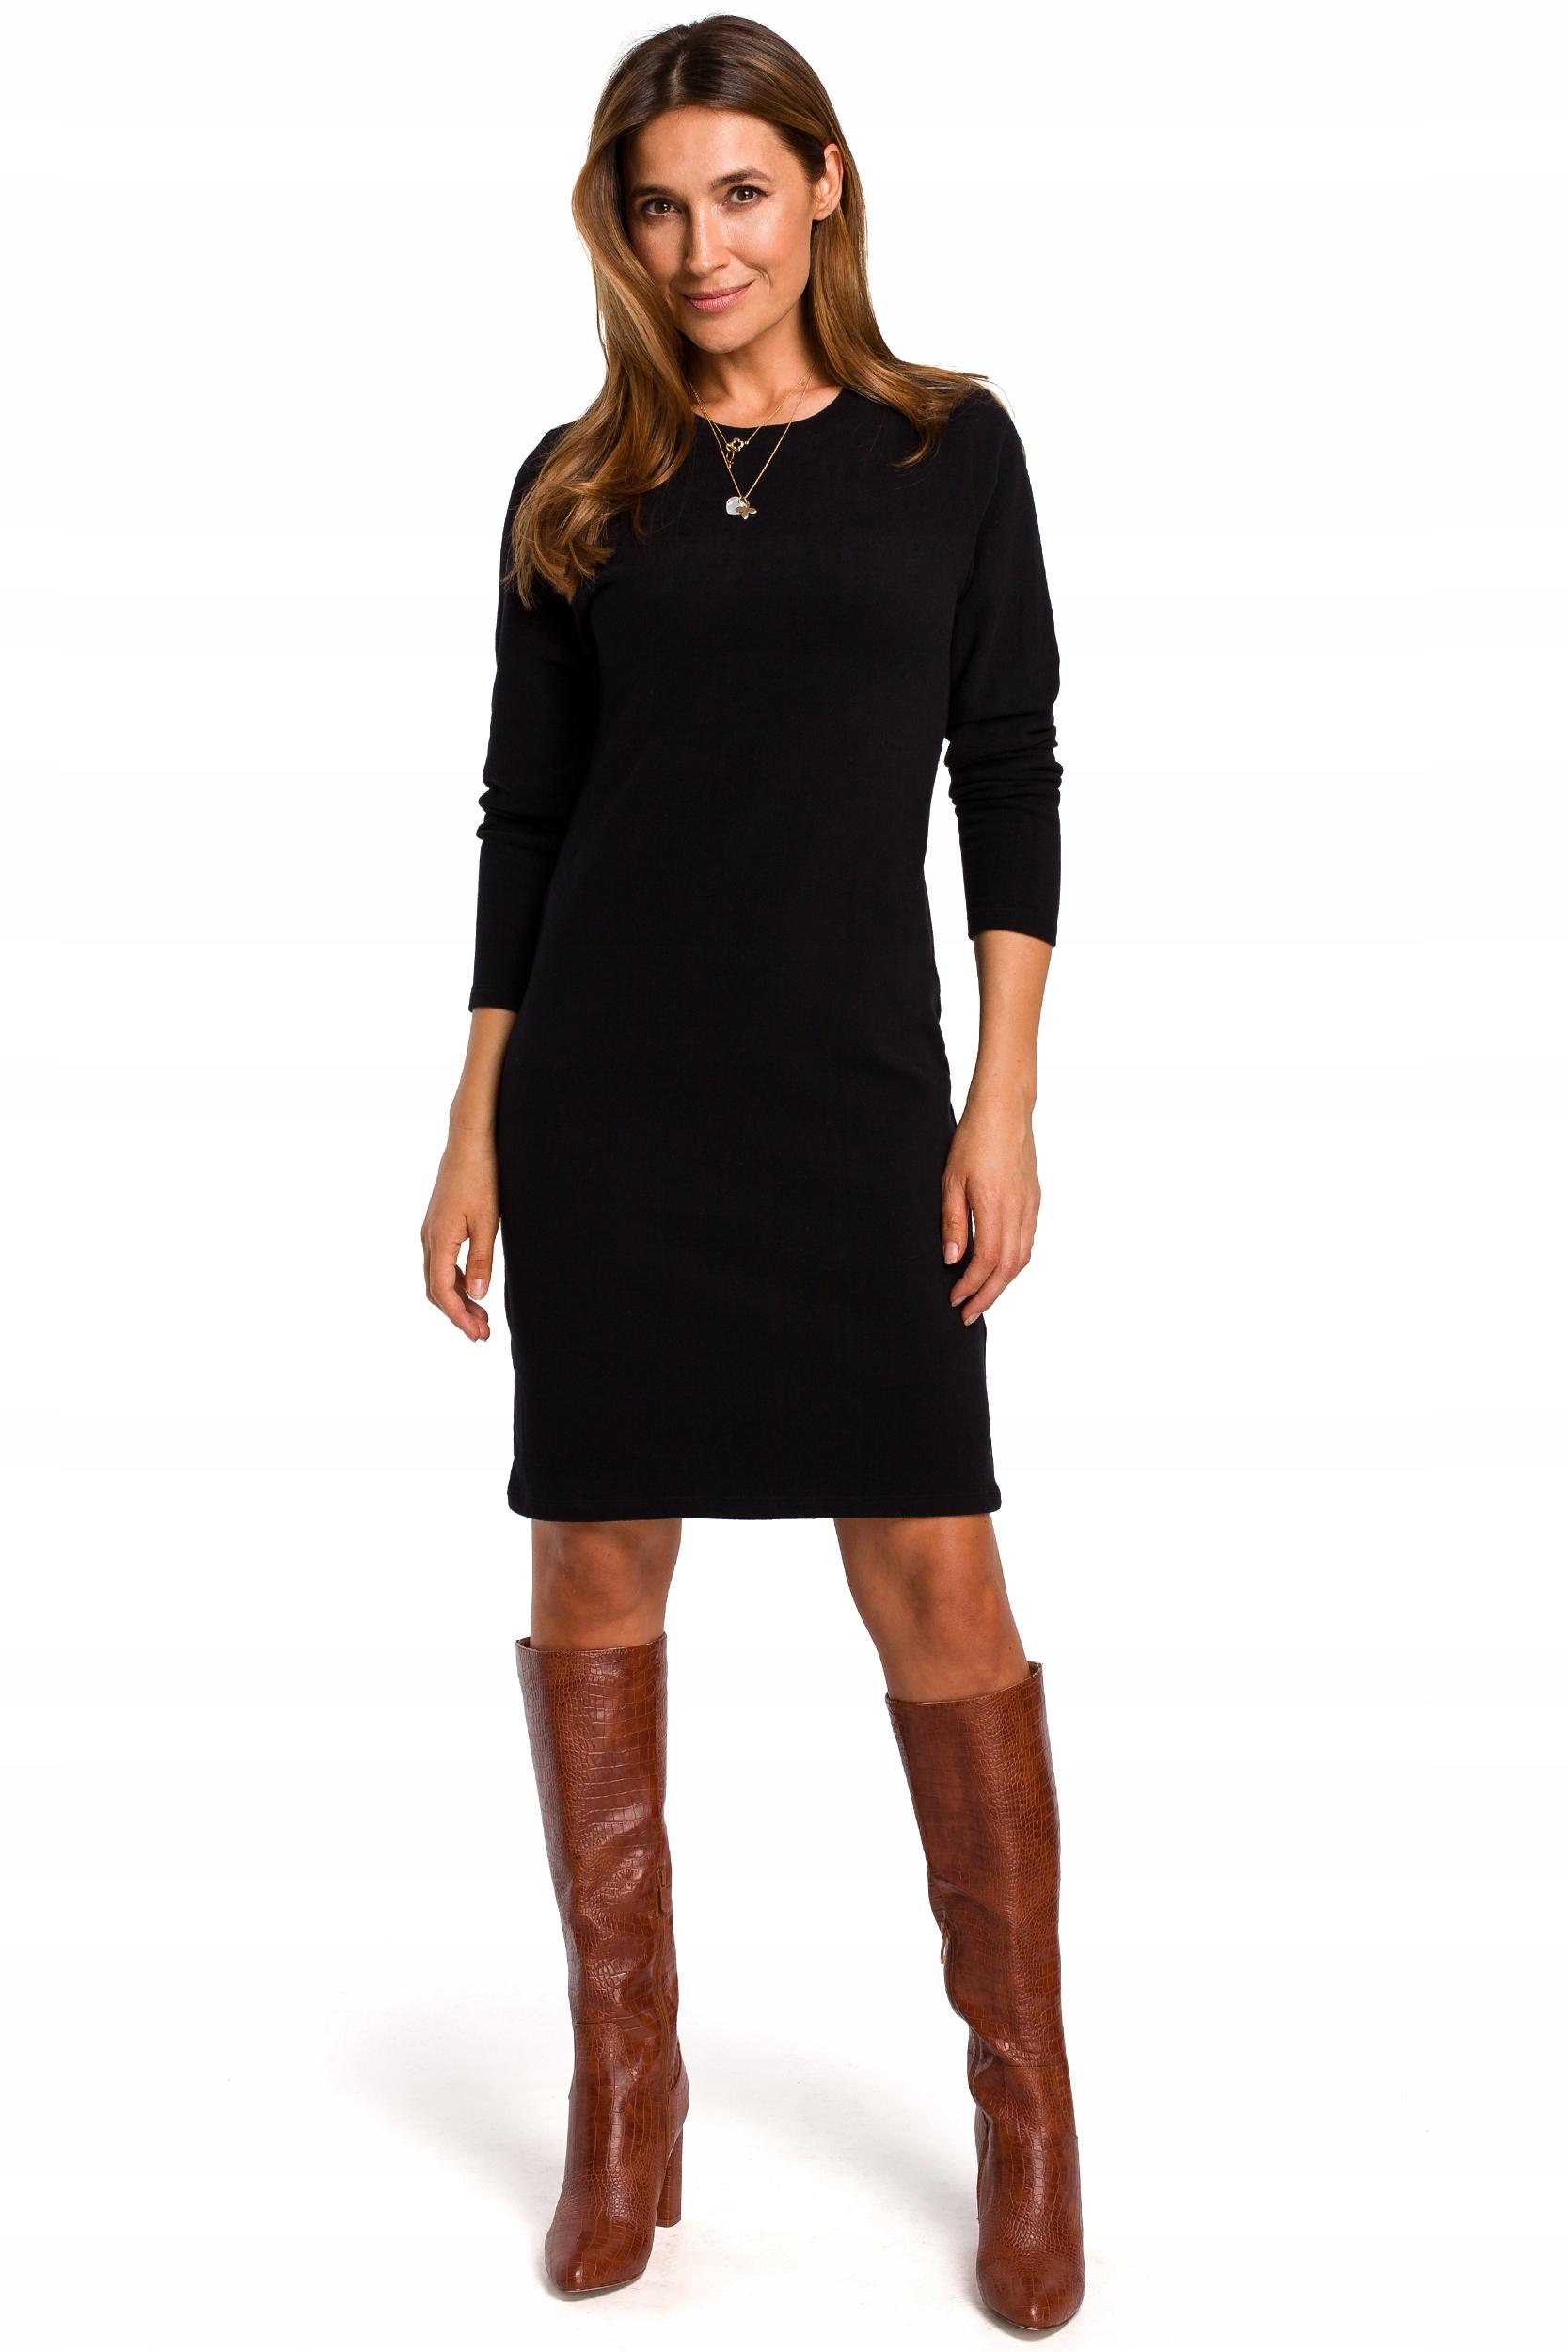 S178 Sukienka swetrowa z długimi rękawami 42 | XL